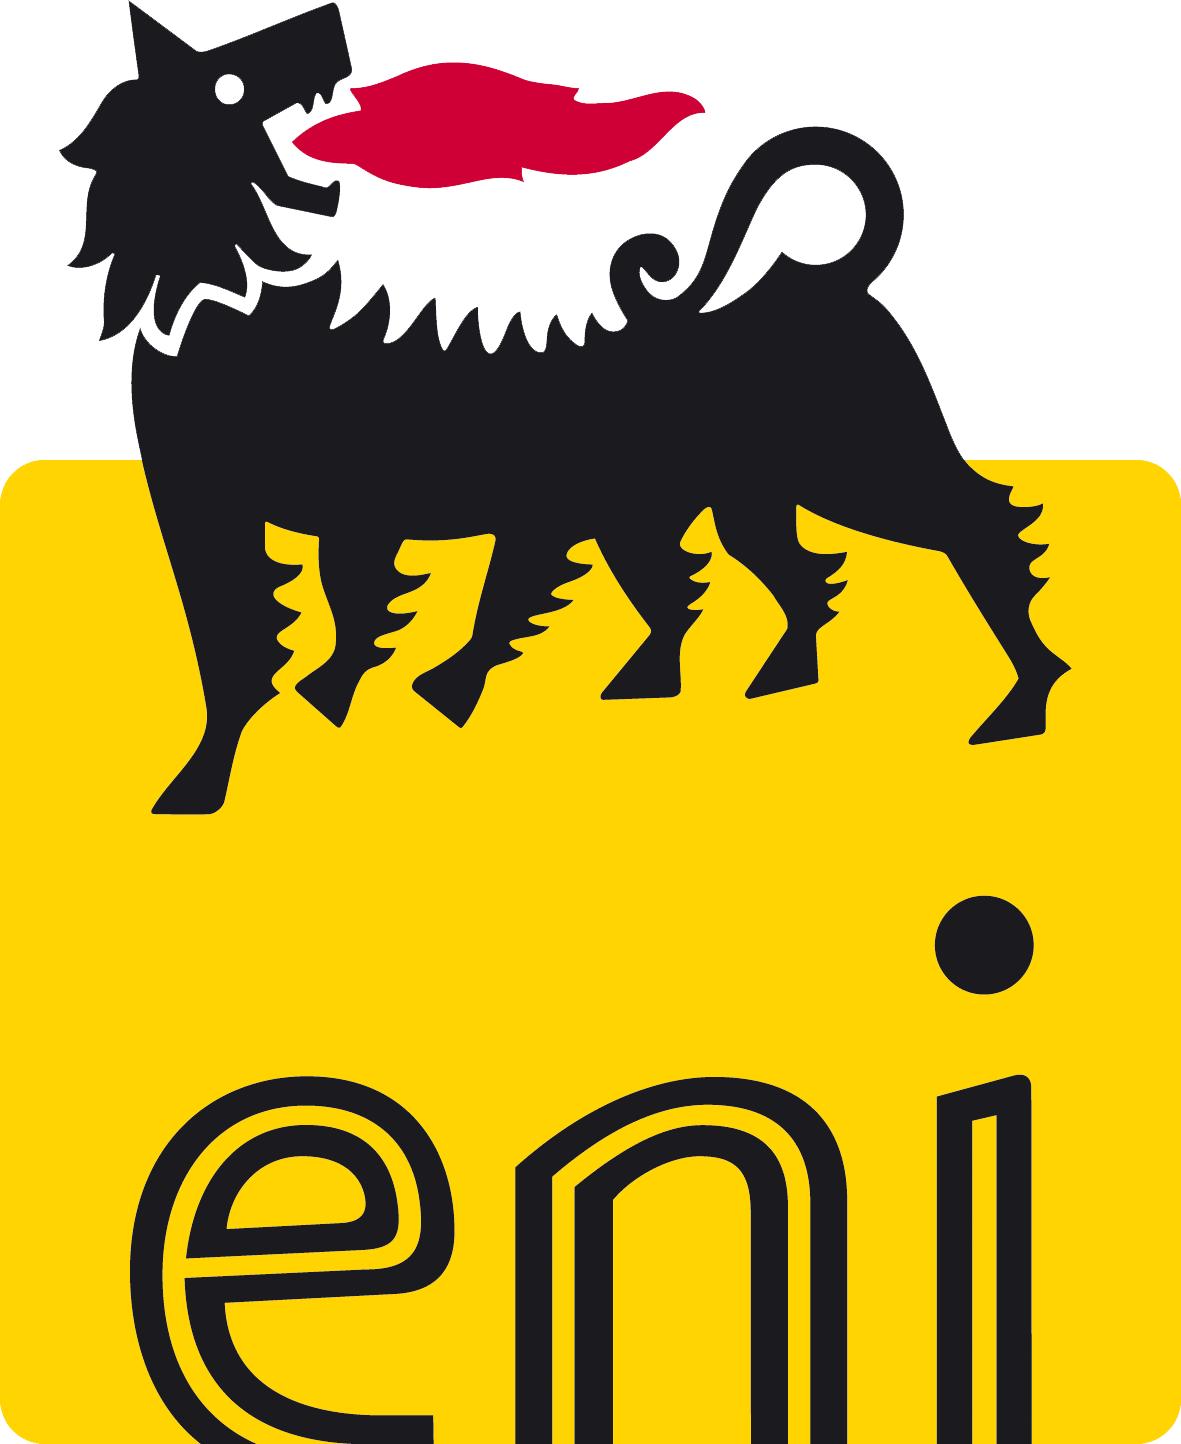 Promo Eni - Vente privée prix du gaz bloqué pendant 3 ans